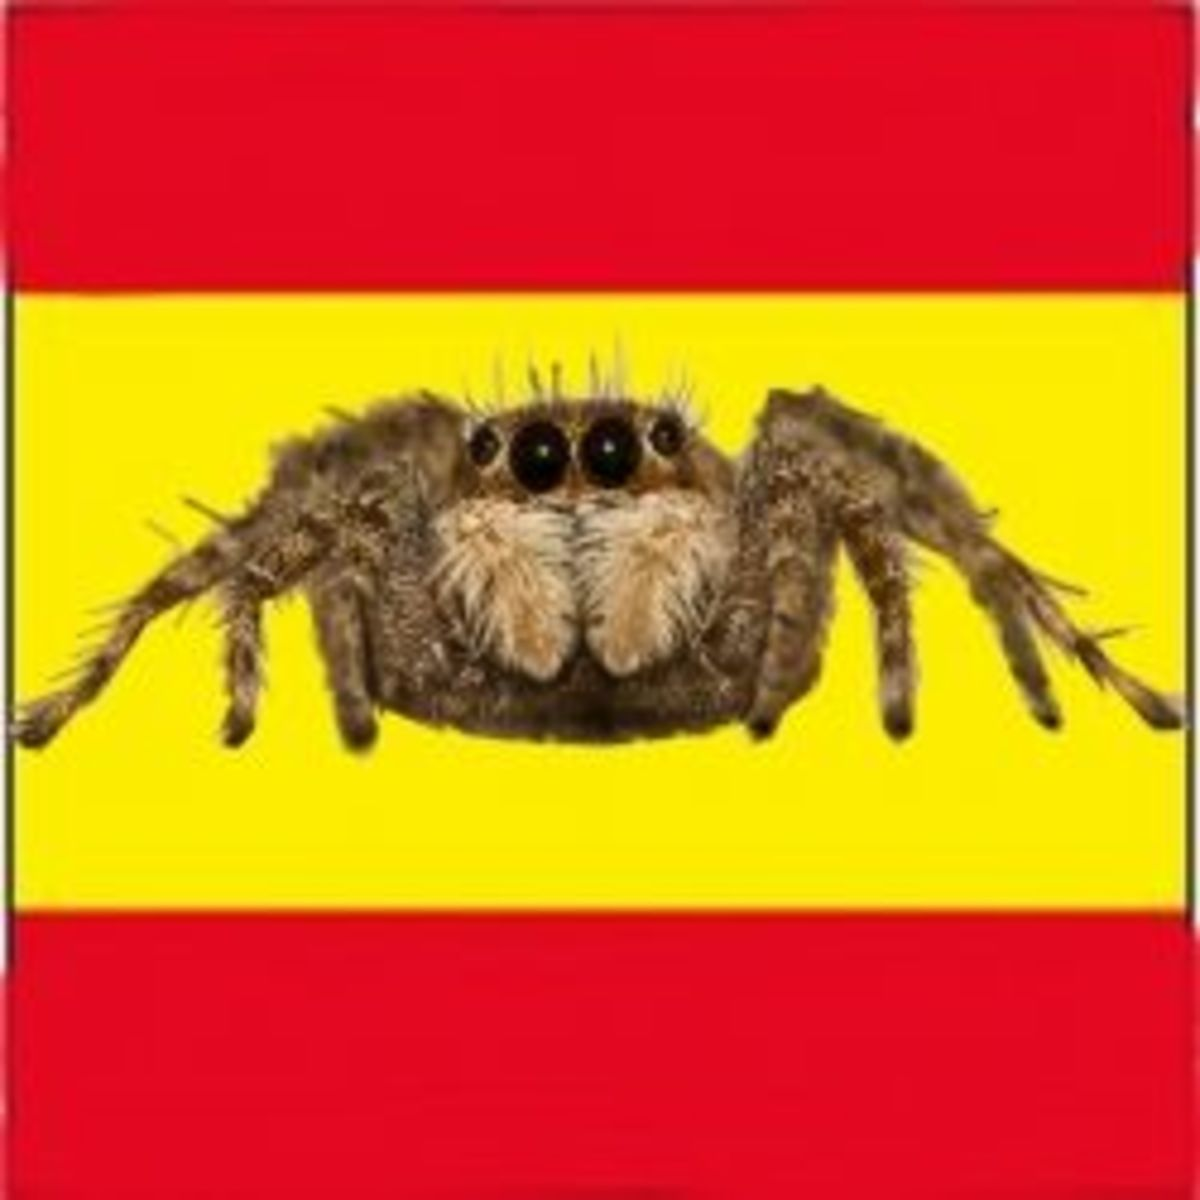 Dangerous Creatures of Spain